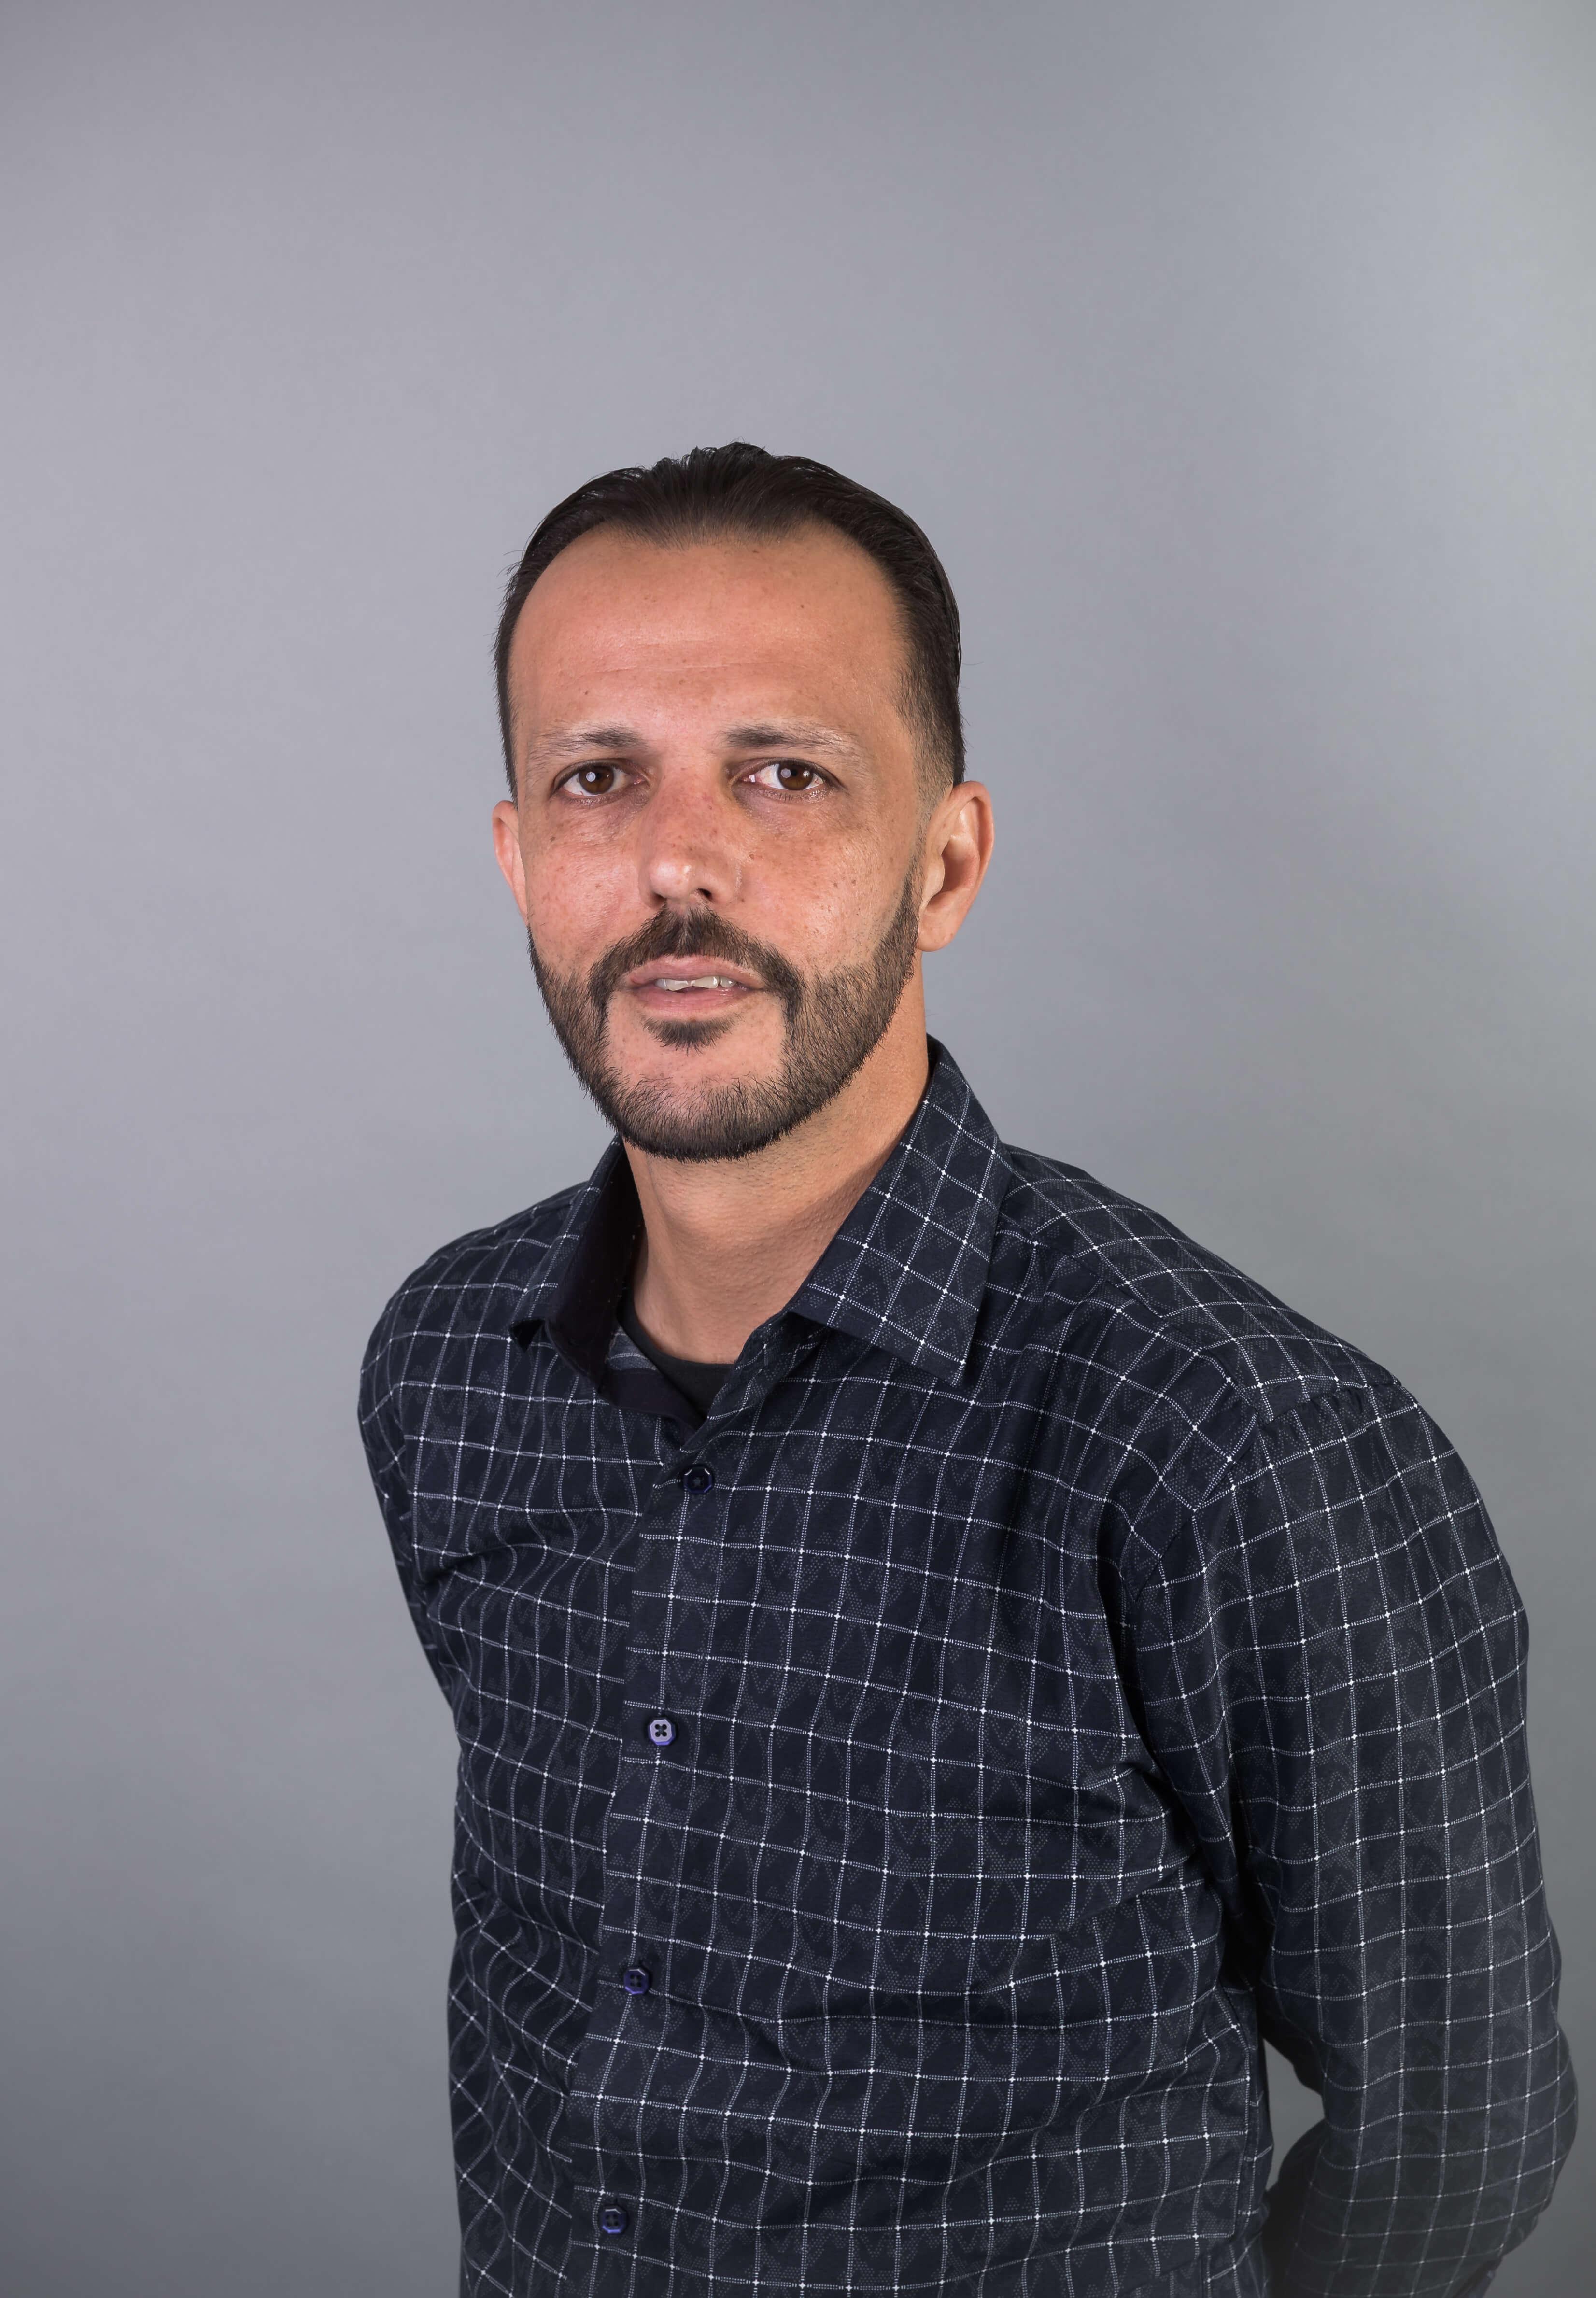 Nader Heidary